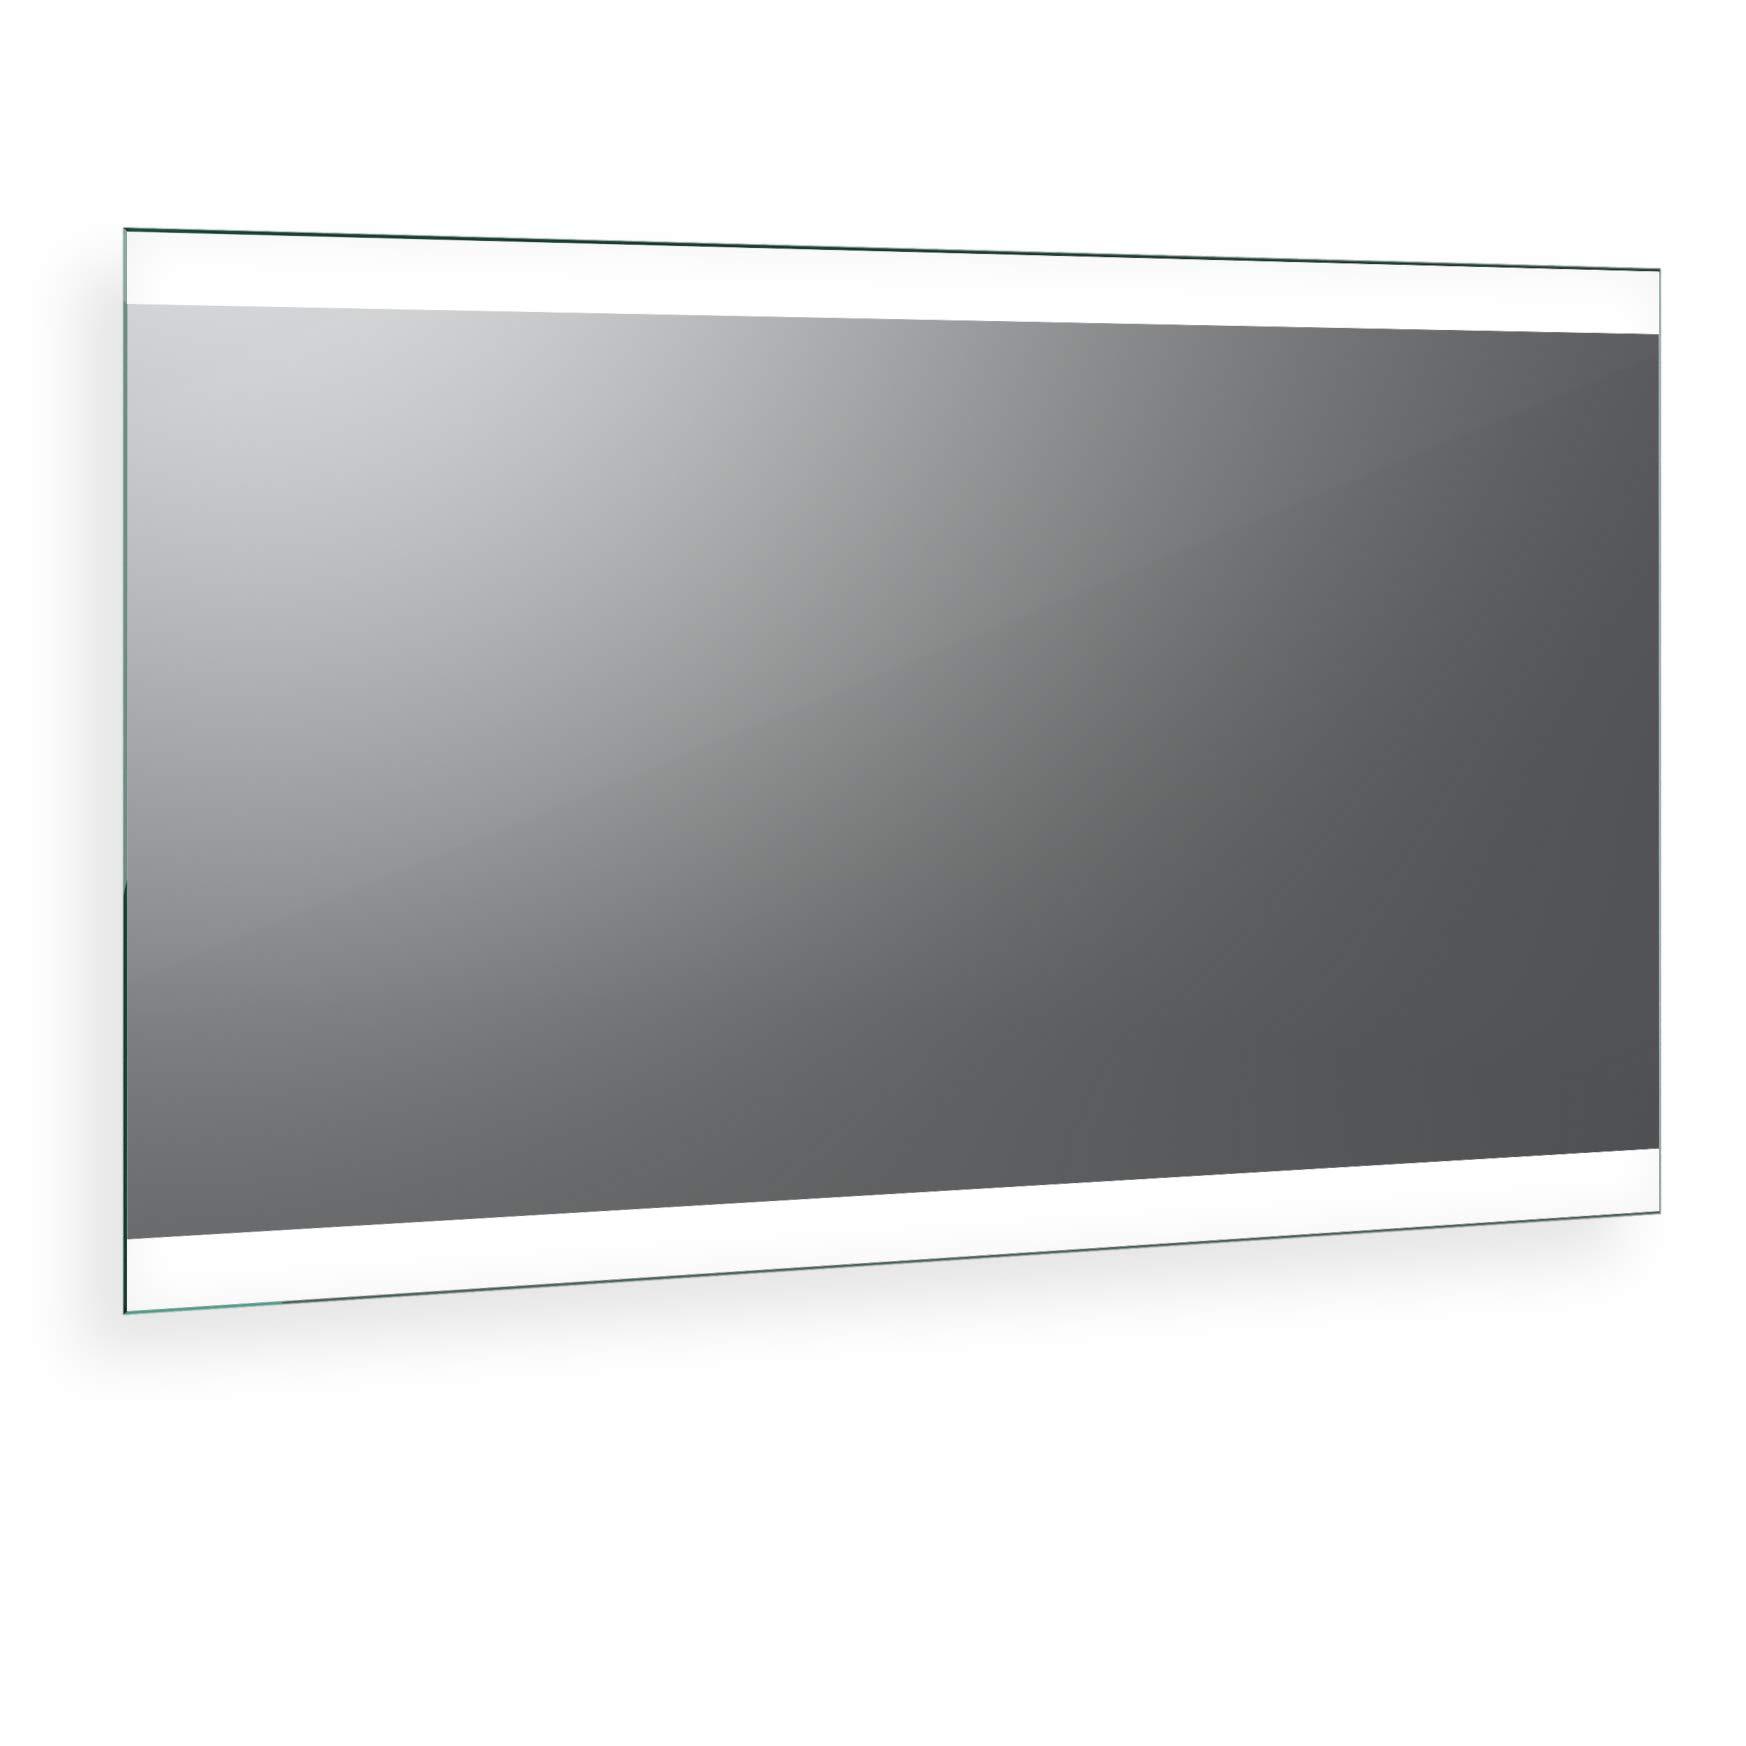 Badezimmerspiegel Kleben.Am Besten Bewertete Produkte In Der Kategorie Badspiegel Amazon De